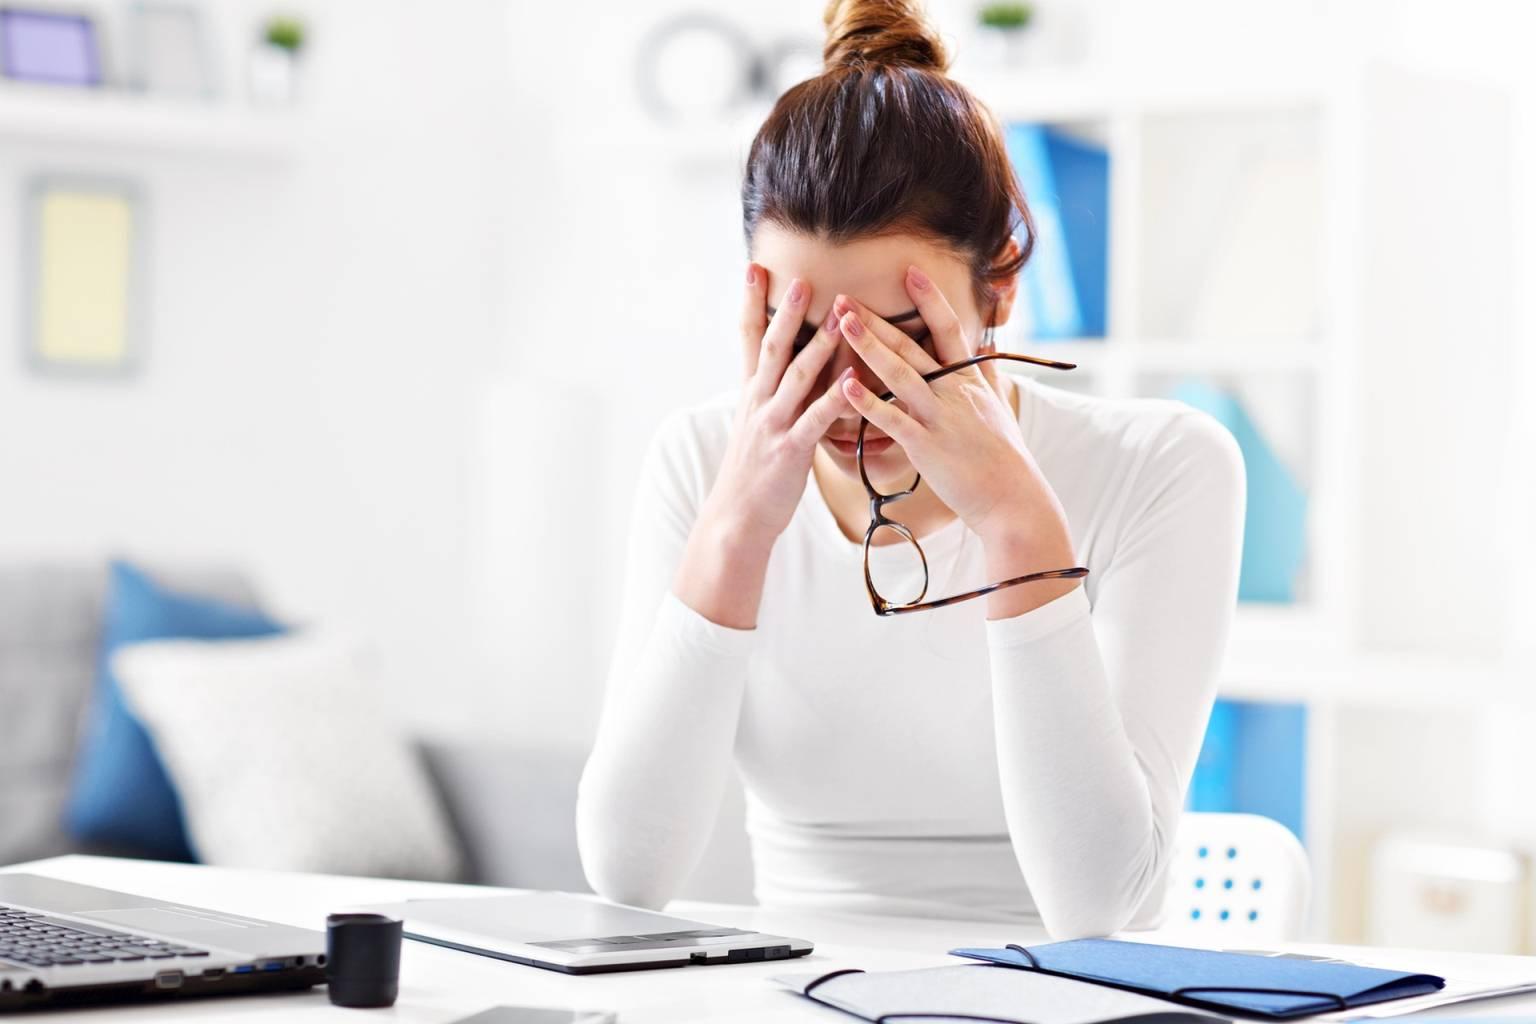 Siedzący tryb życia. Młoda zmęczona kobieta w białej bluzce siedzi przy biurku i trzyma głowę w dłoniach.